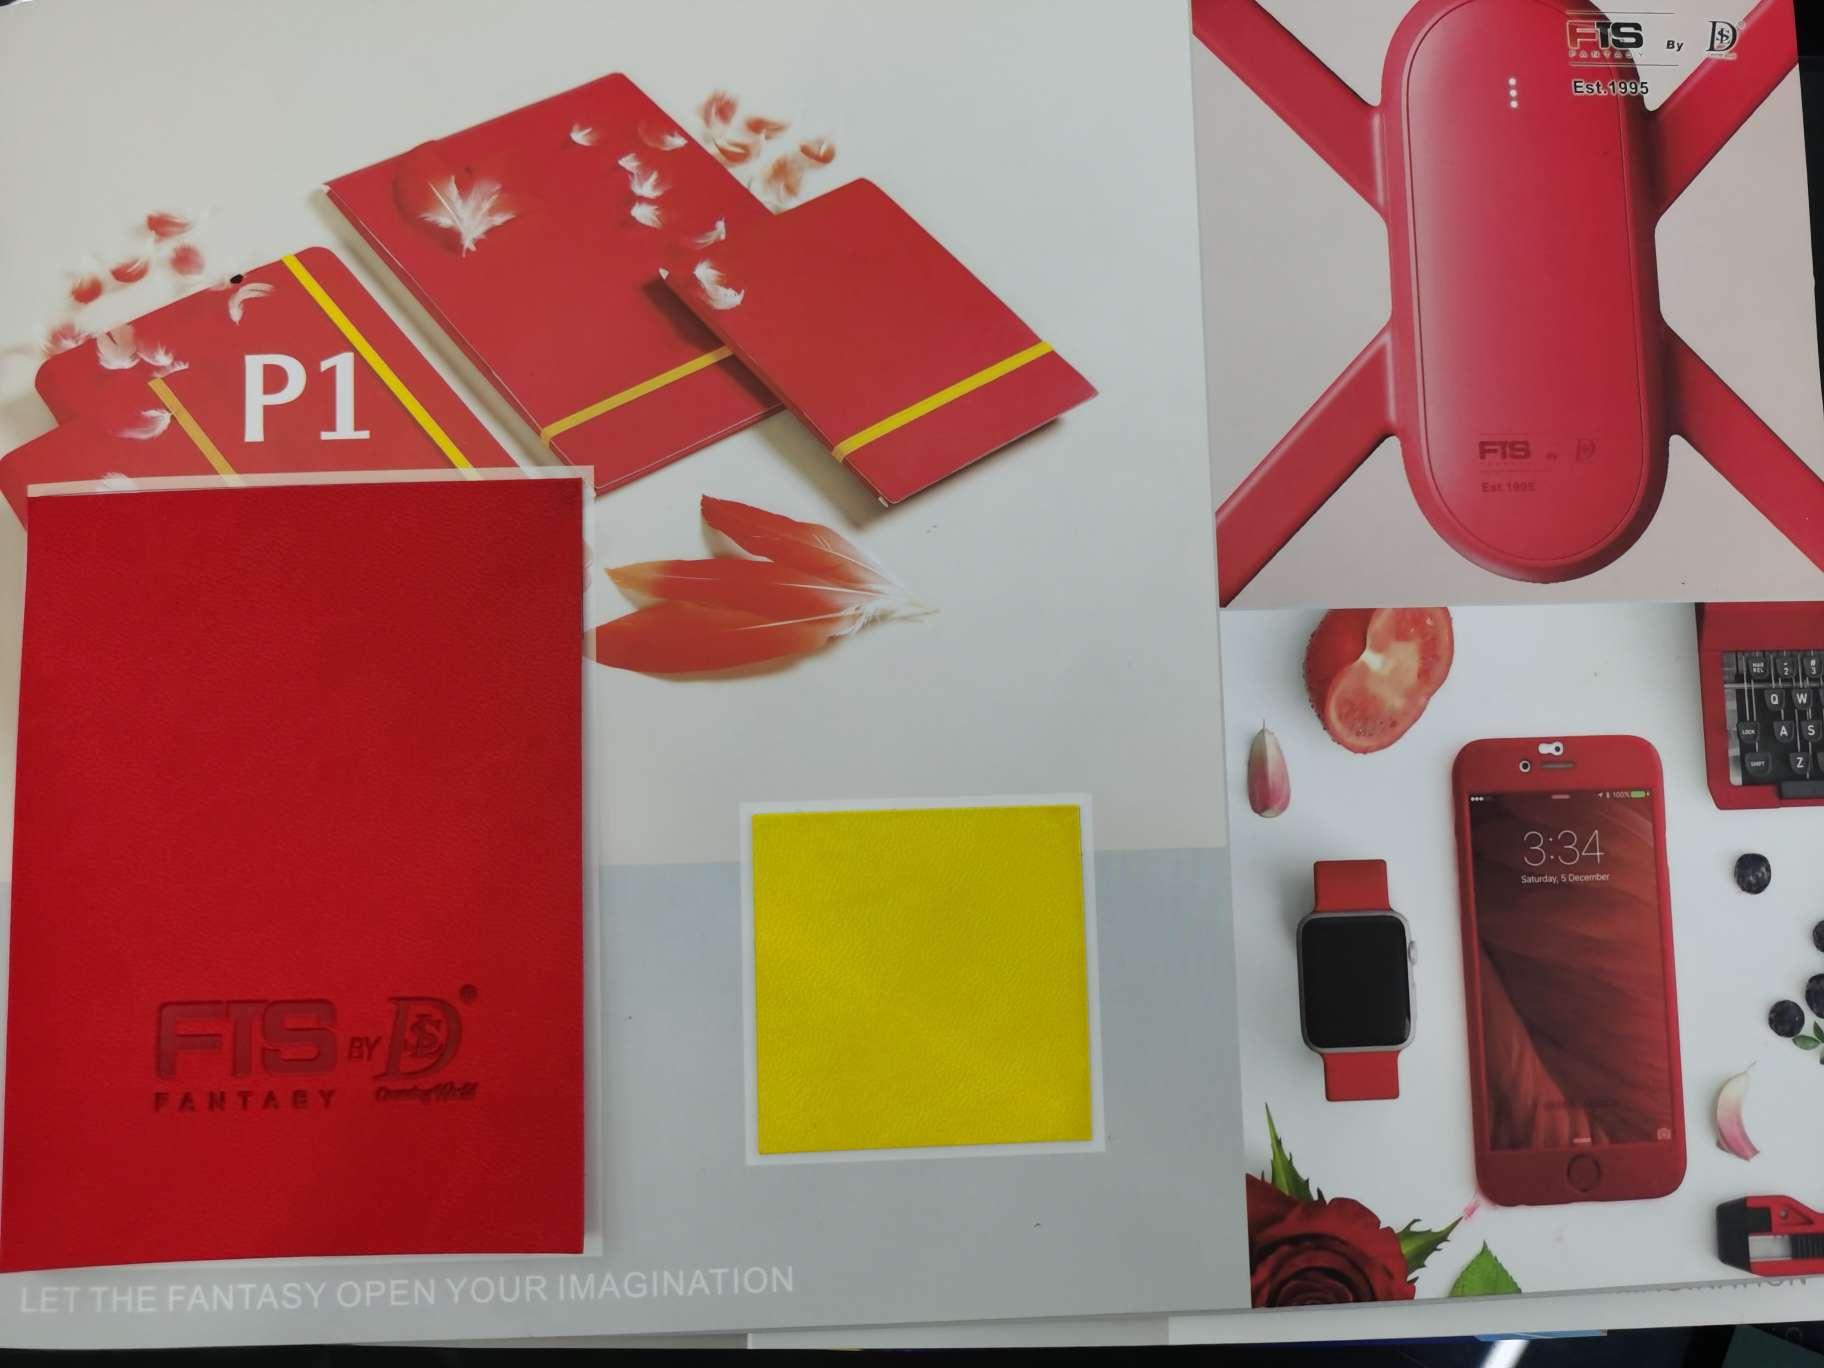 P1经典平纹变色PU革,适用于记事本,相册,礼盒,电子产品等封面装帧领域